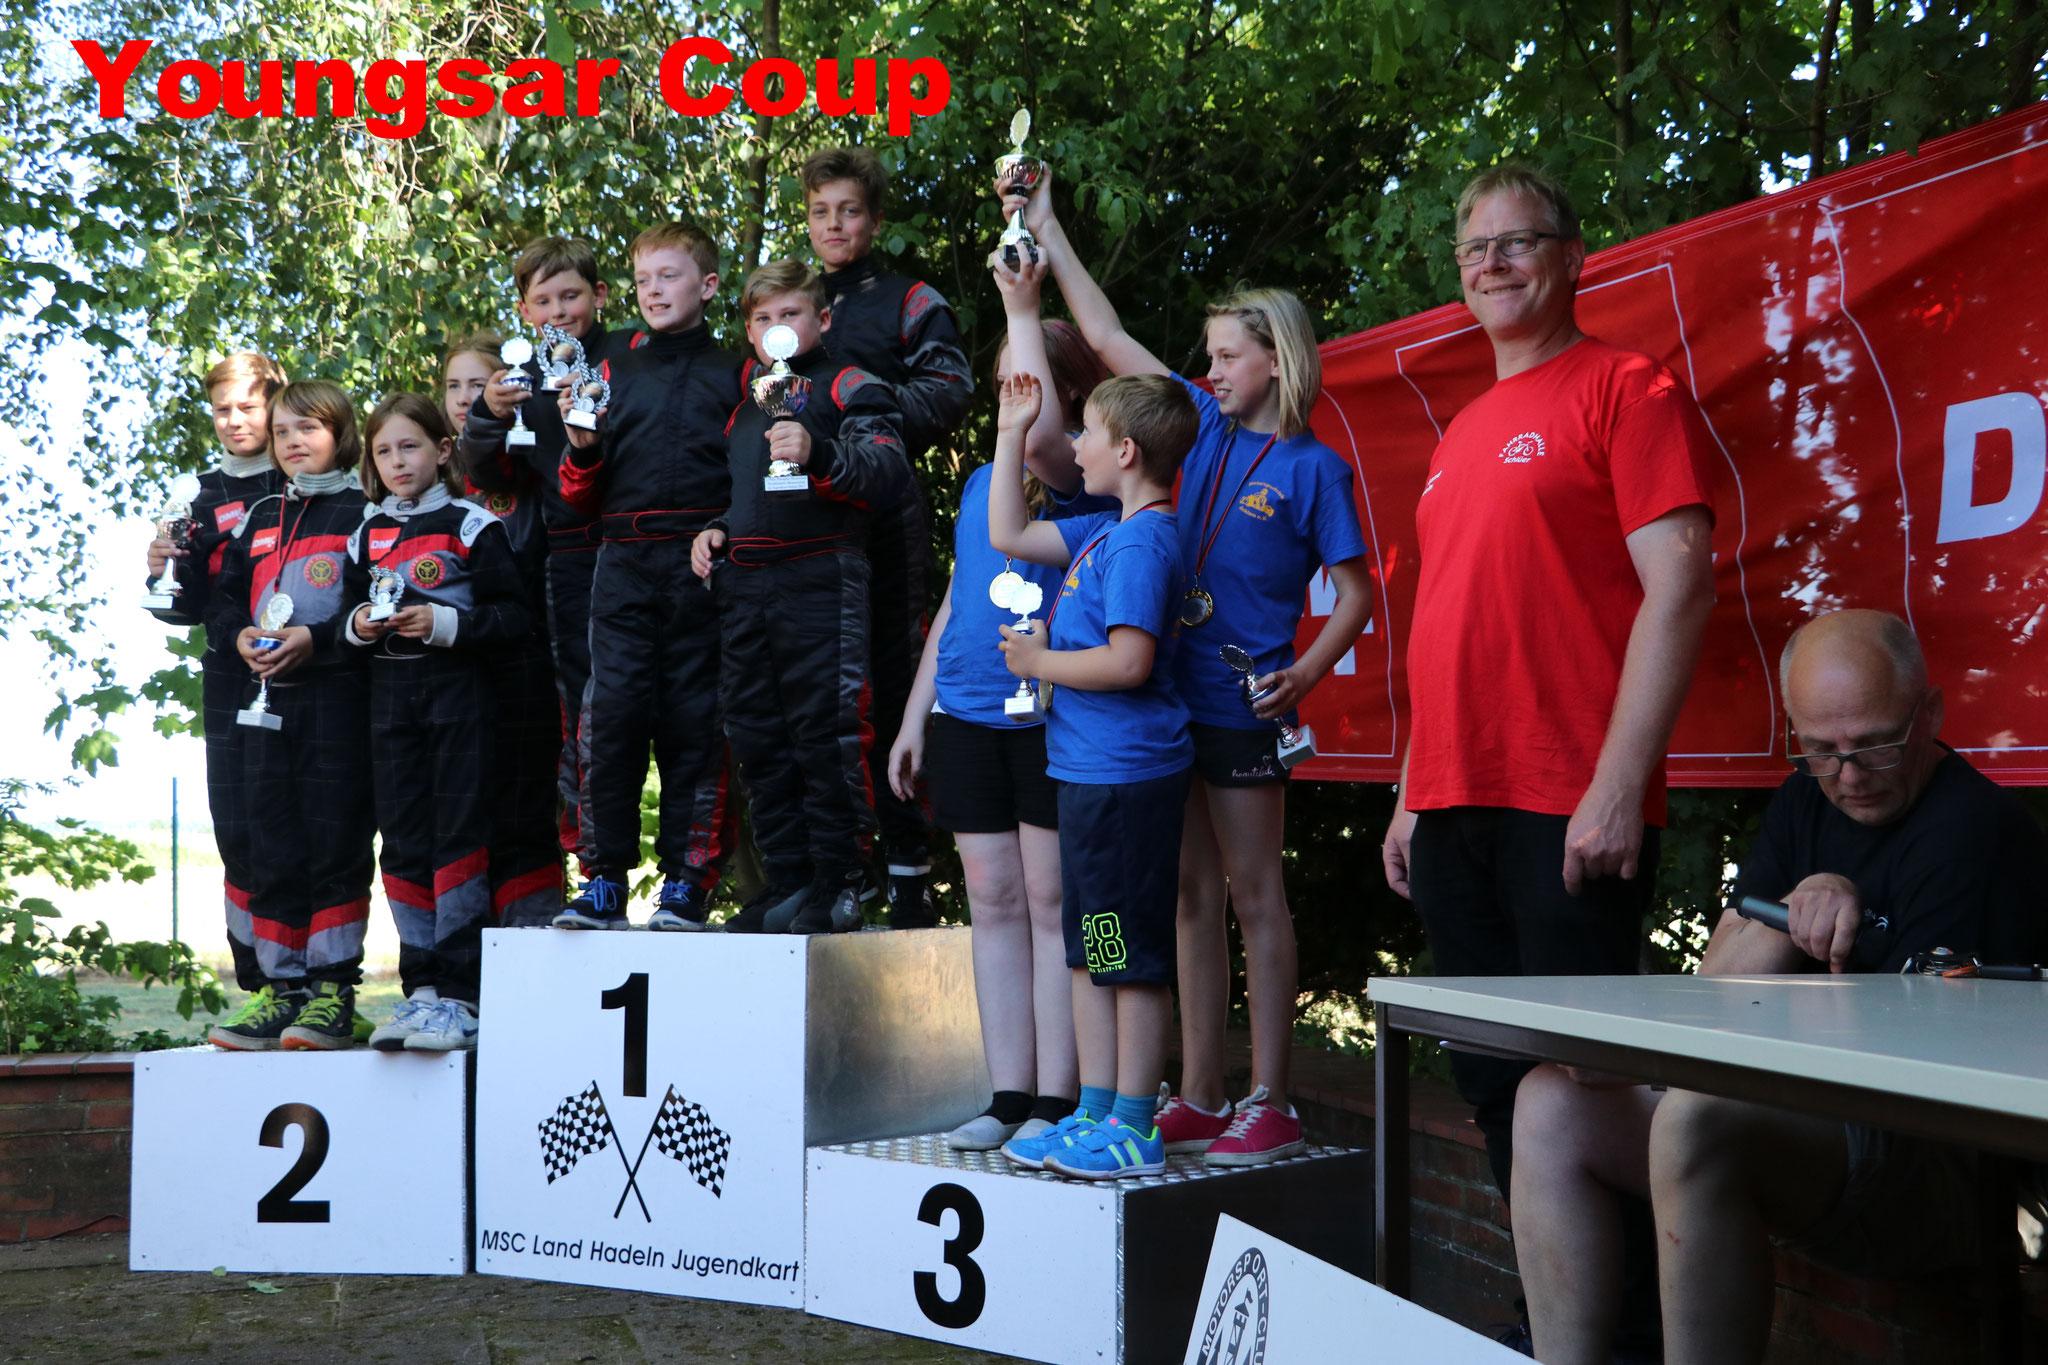 Die Youngstars MSC Land Hadeln 1 wurden Norddeutsche Meister